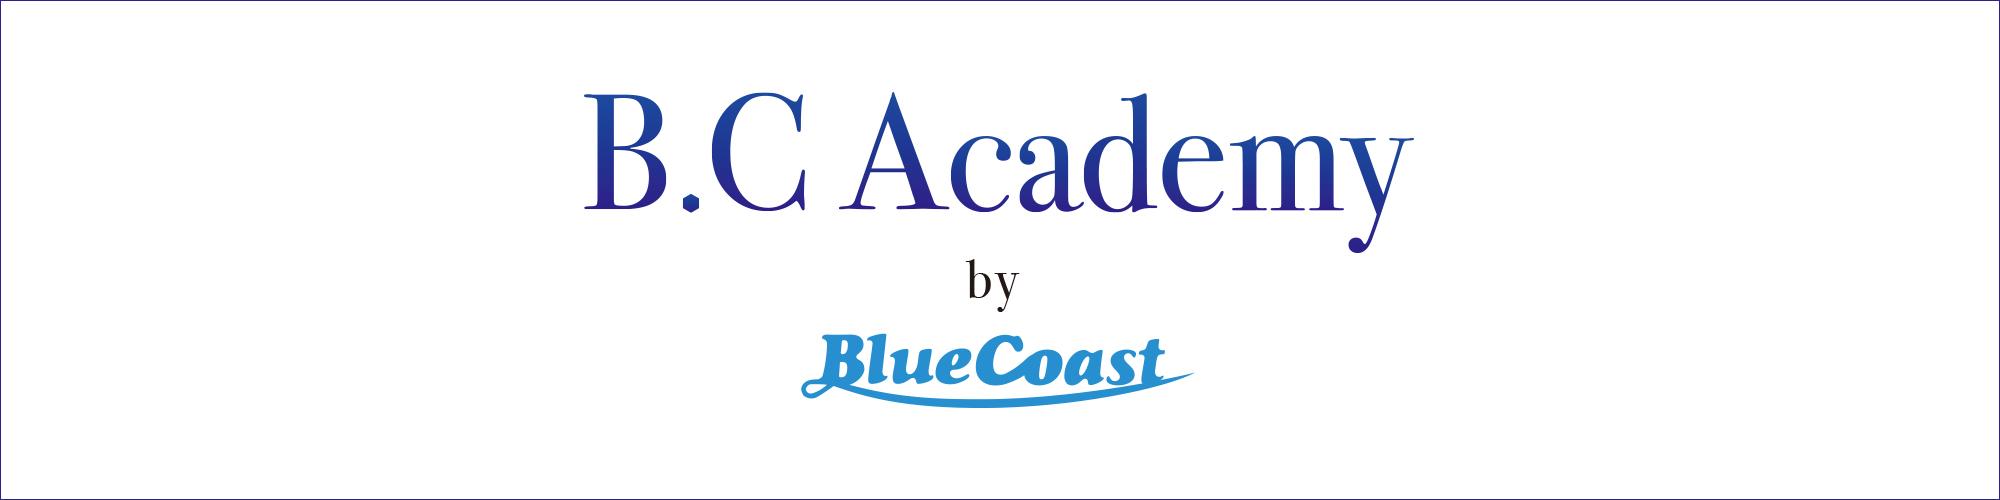 BCアカデミー|エアブラシスクール&サロン